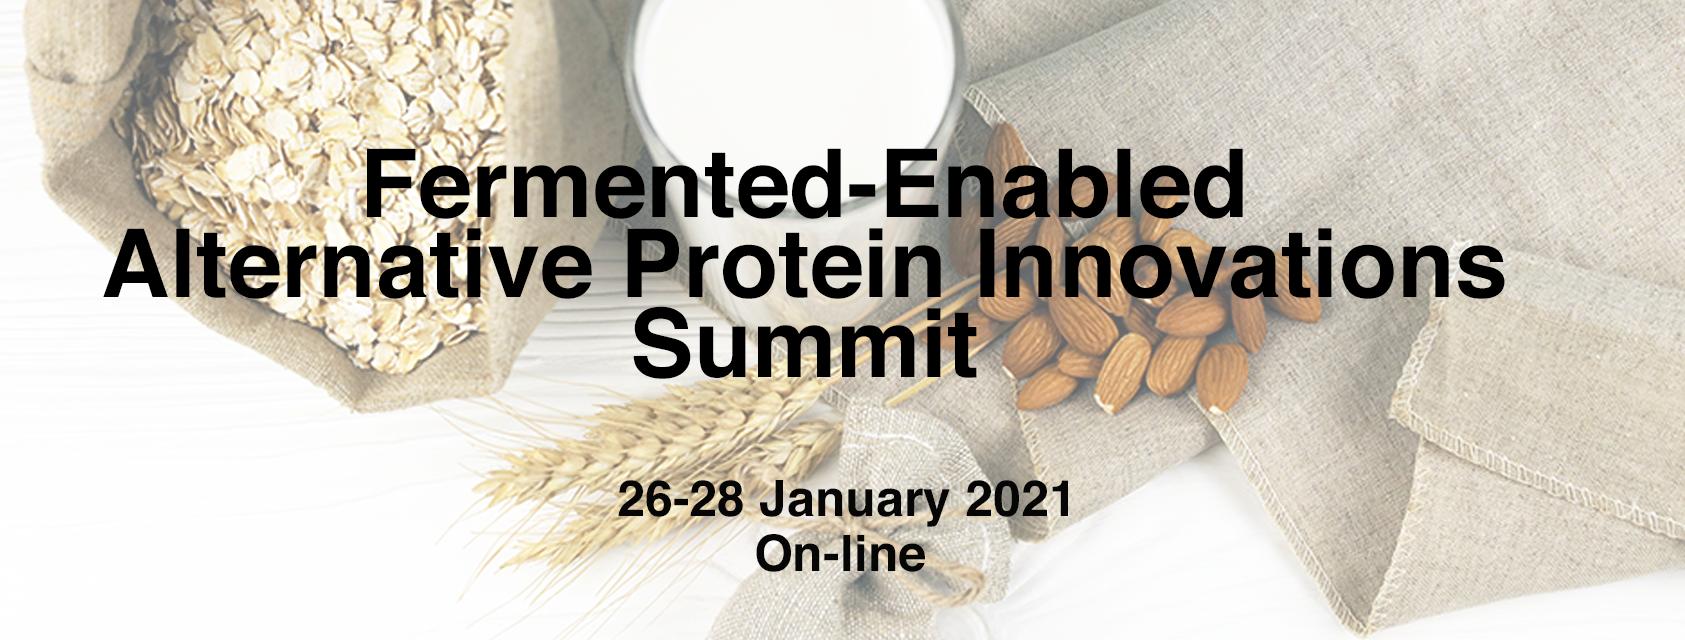 Alt Protein Summit